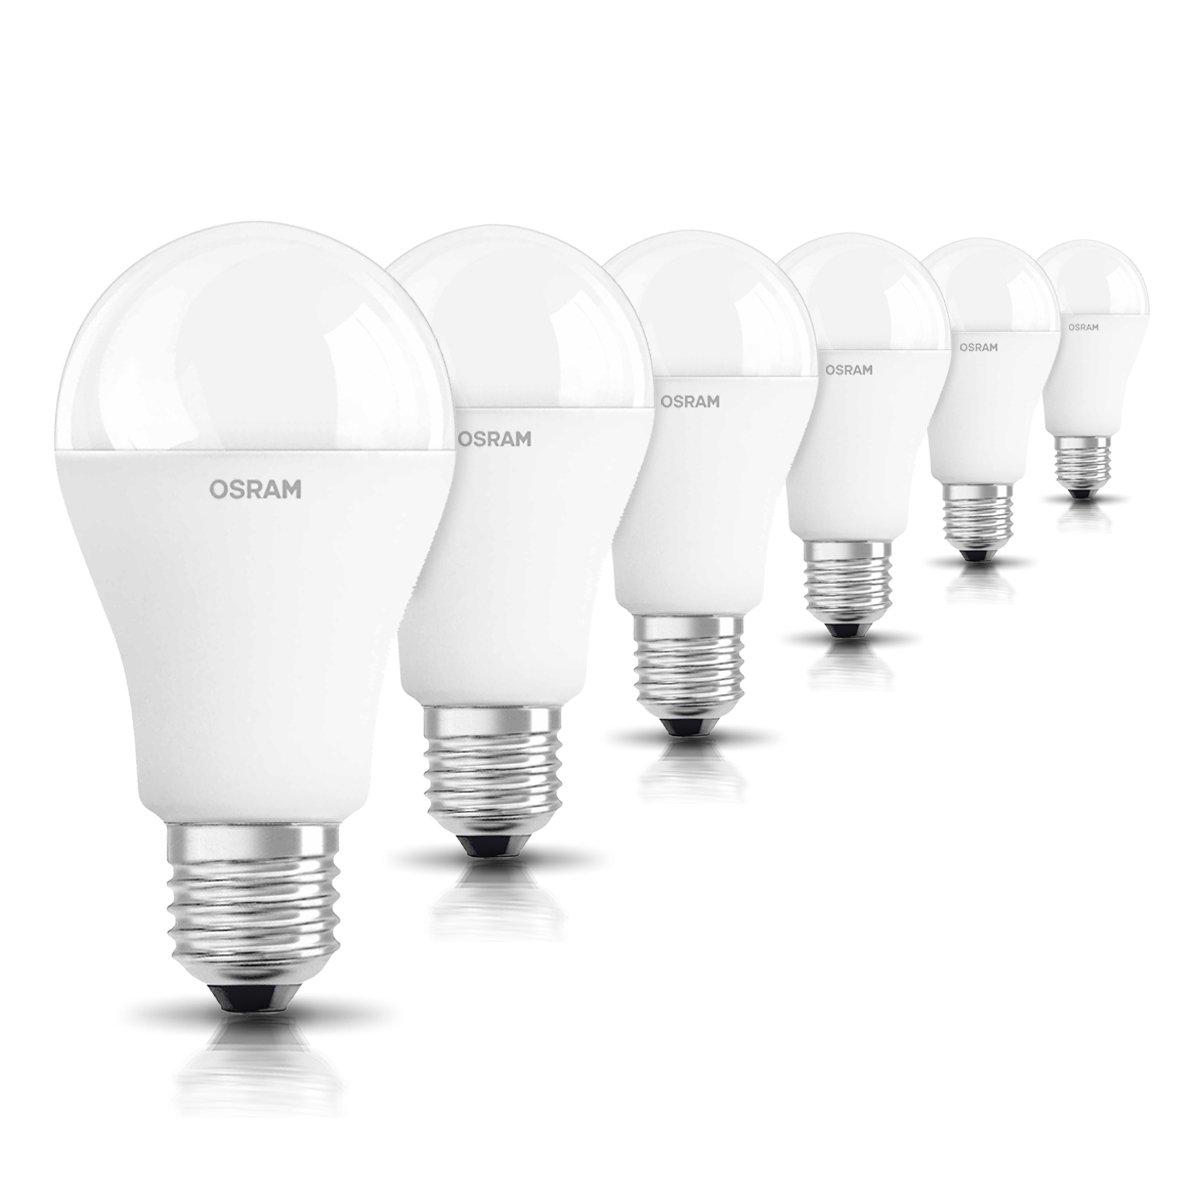 Osram Star Cl A 100 Bombilla LED, E27, 14.5 watts, Blanco, Pack de 6: Amazon.es: Iluminación